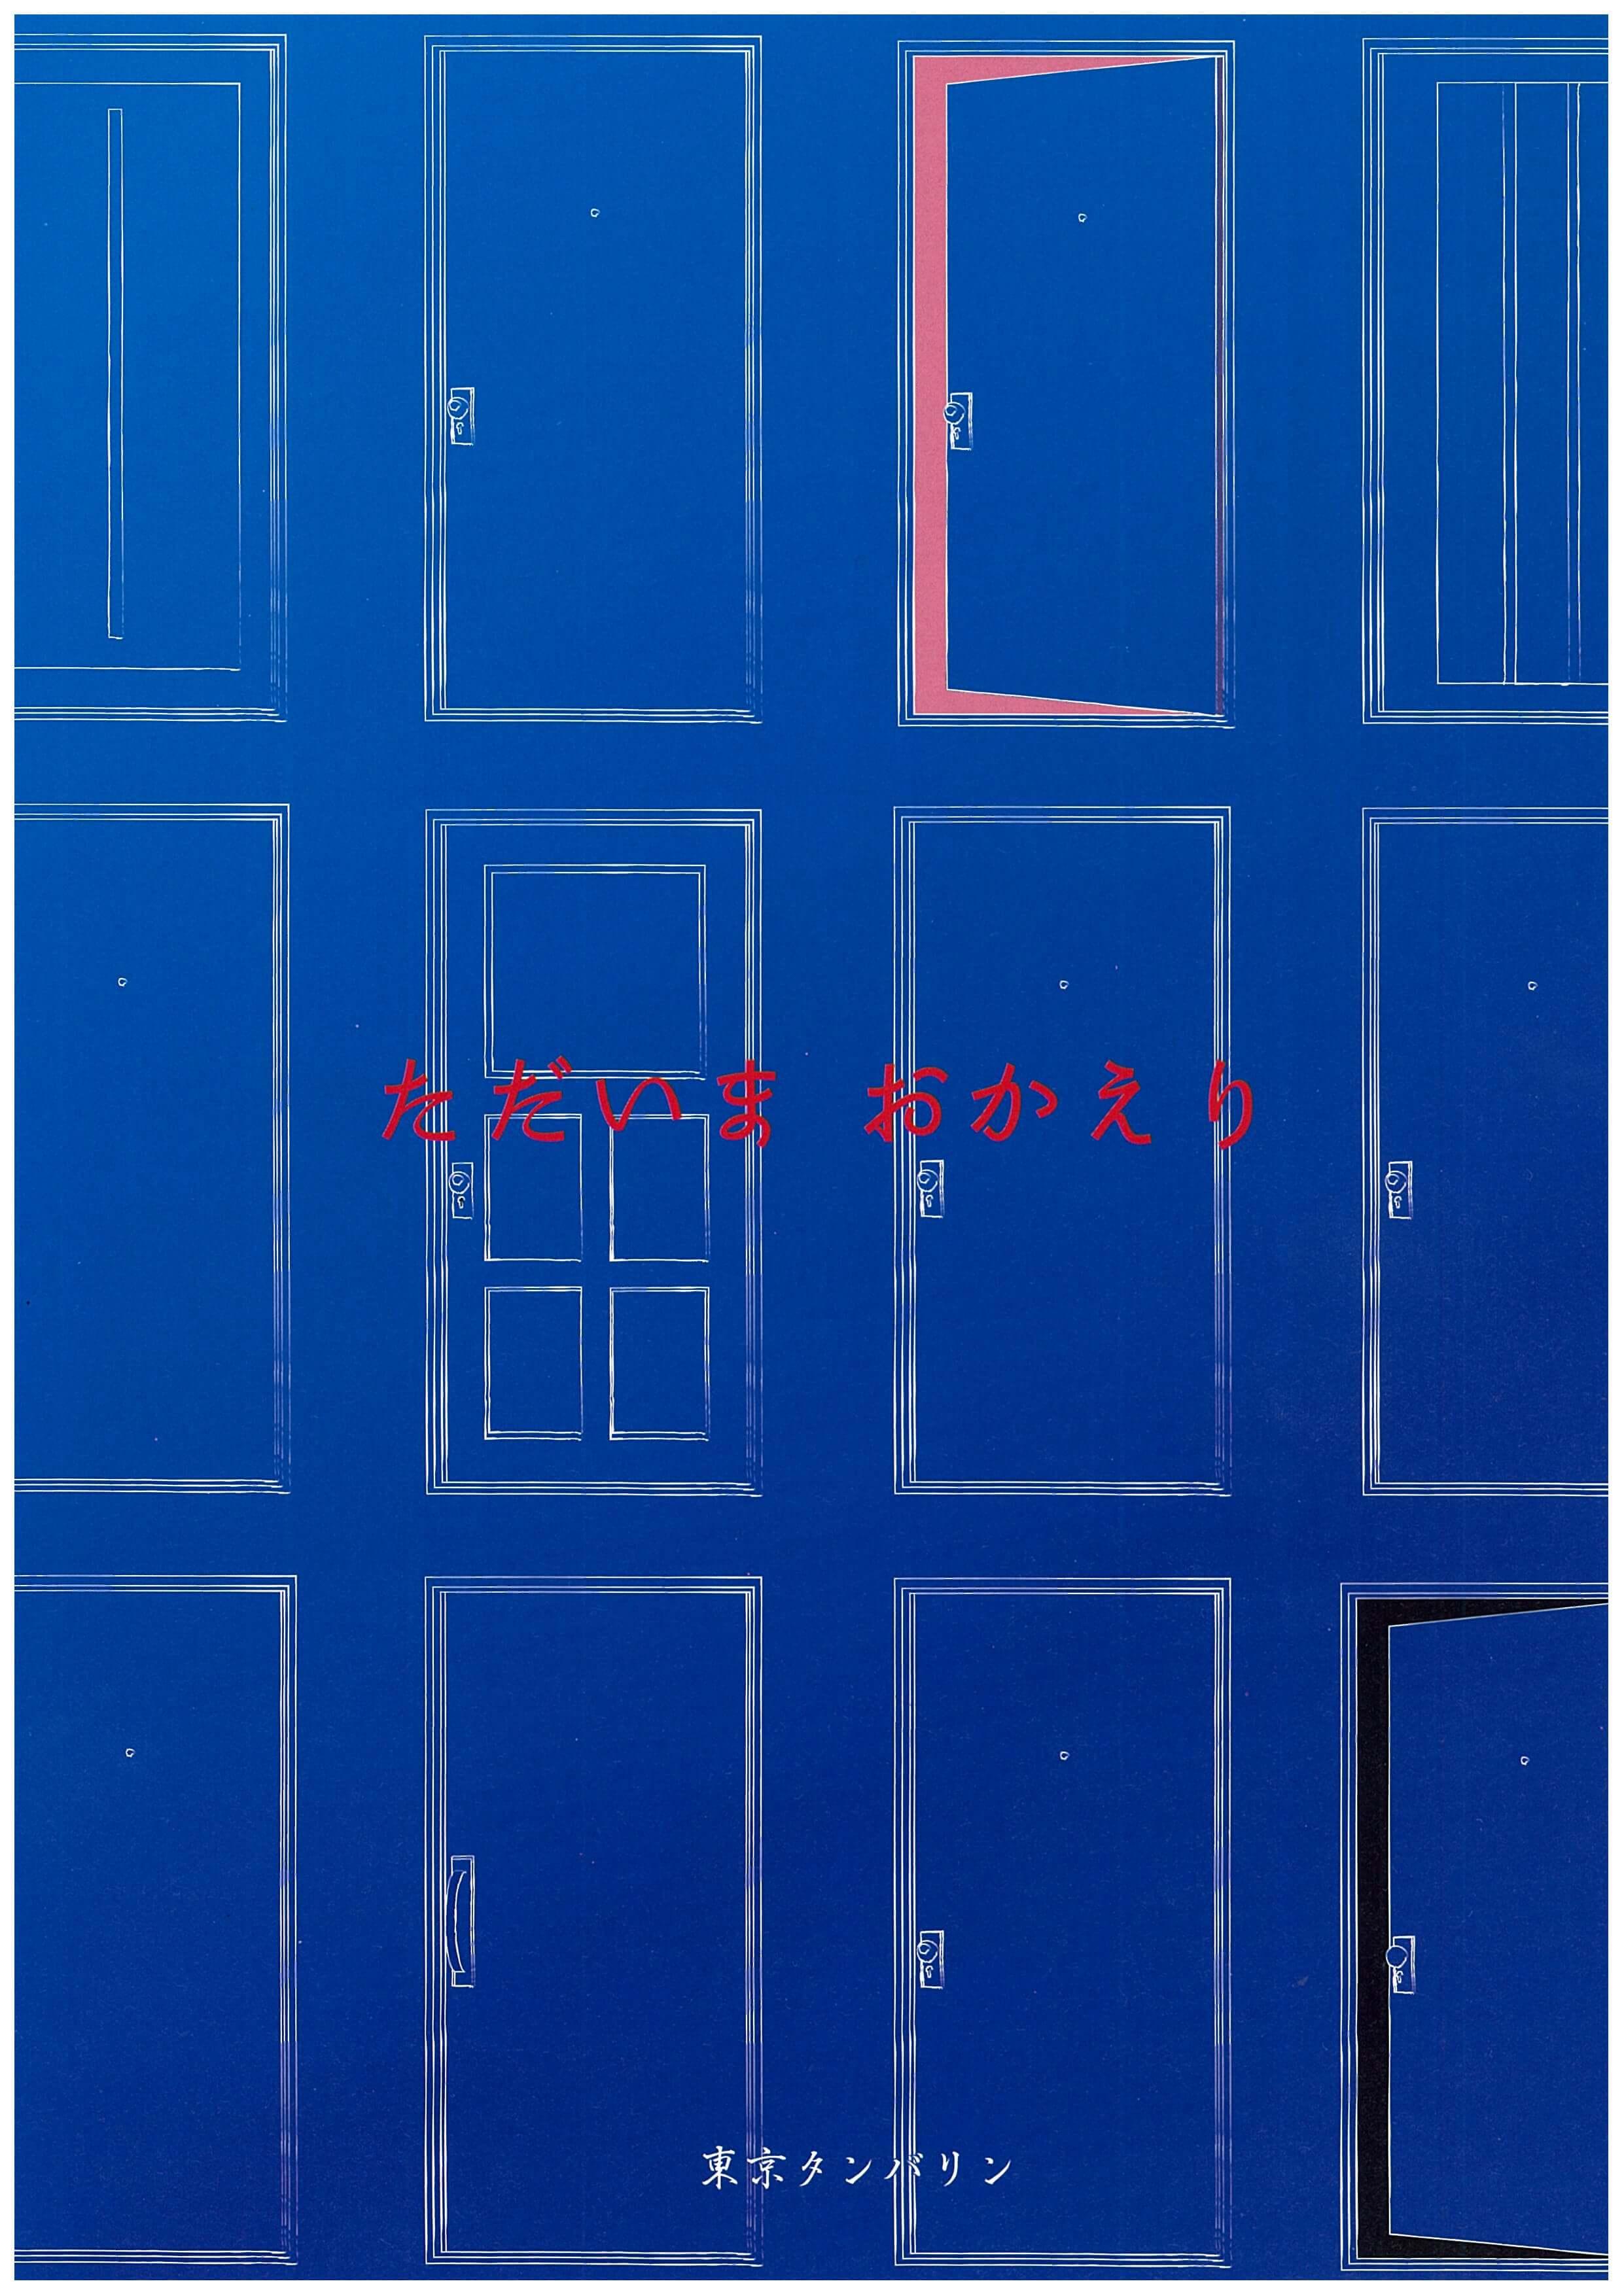 【山崎美貴 舞台出演】6/29(木)~7/3(月) 東京タンバリン「ただいま おかえり」